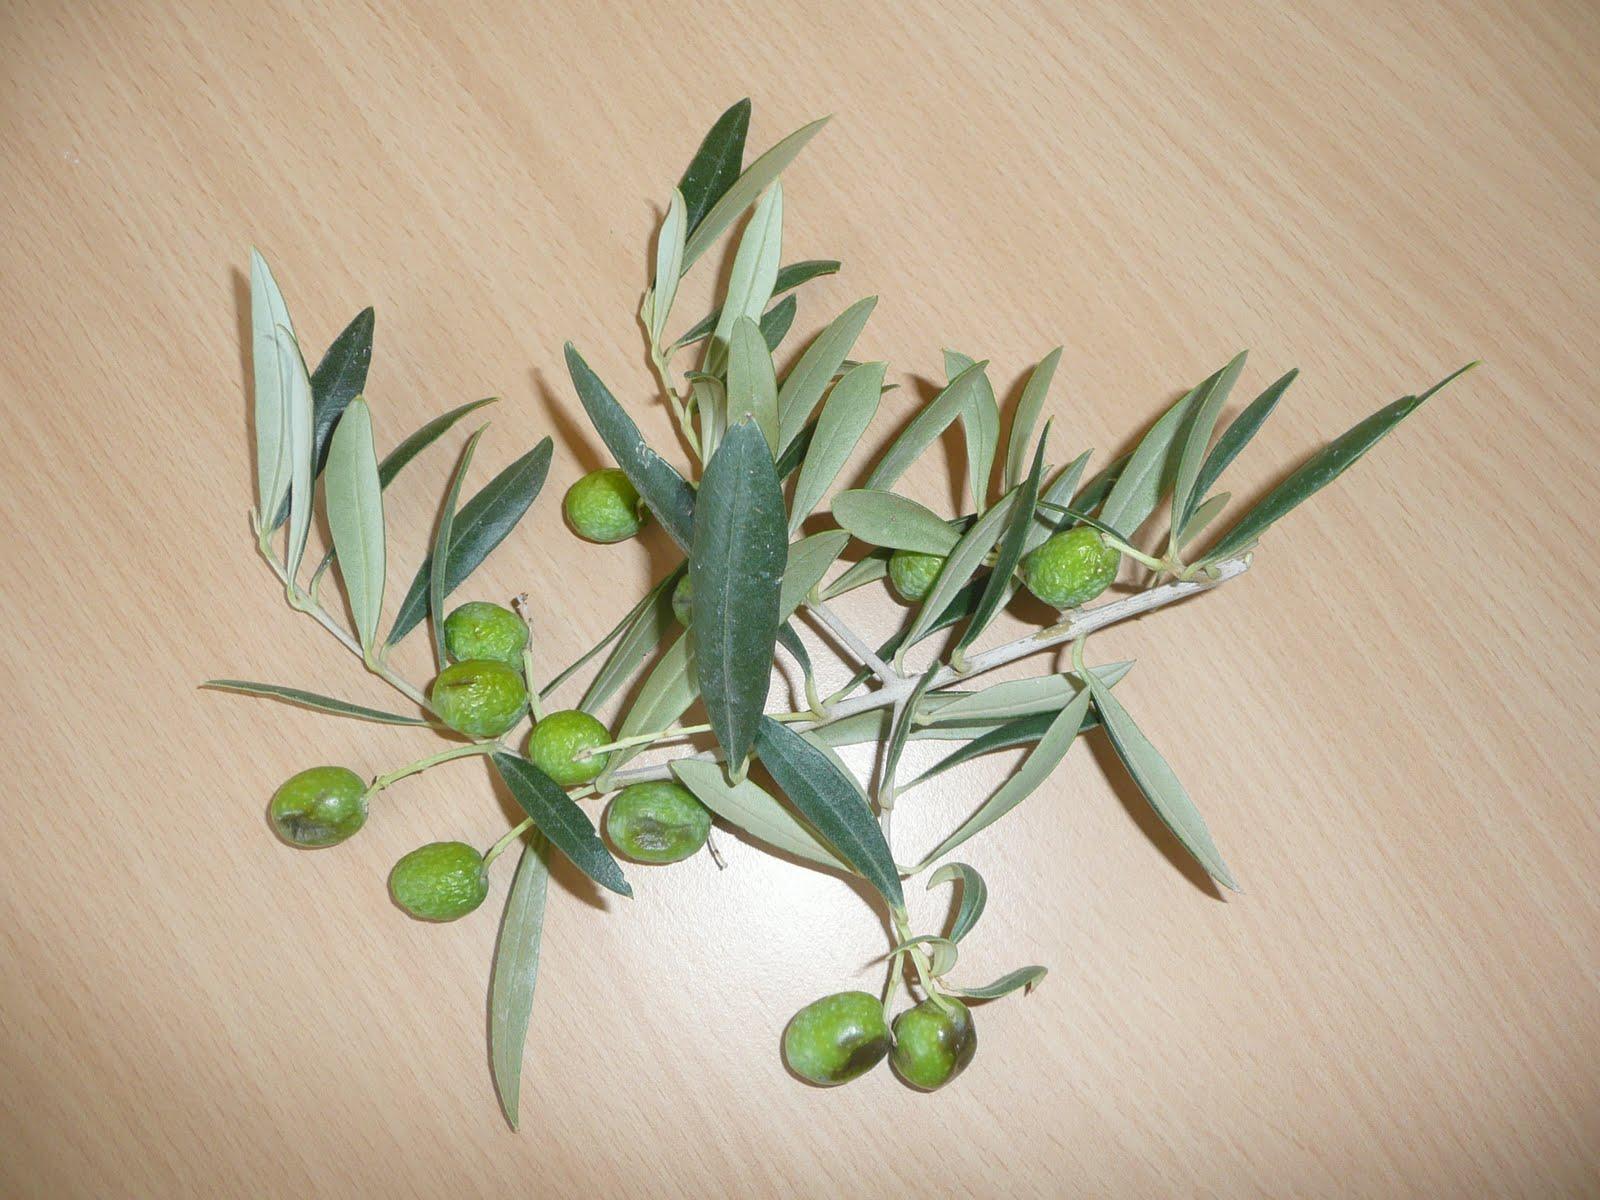 Le cp d 39 amalth e le on de chose le rameau d 39 olivier - Psylle de l olivier ...